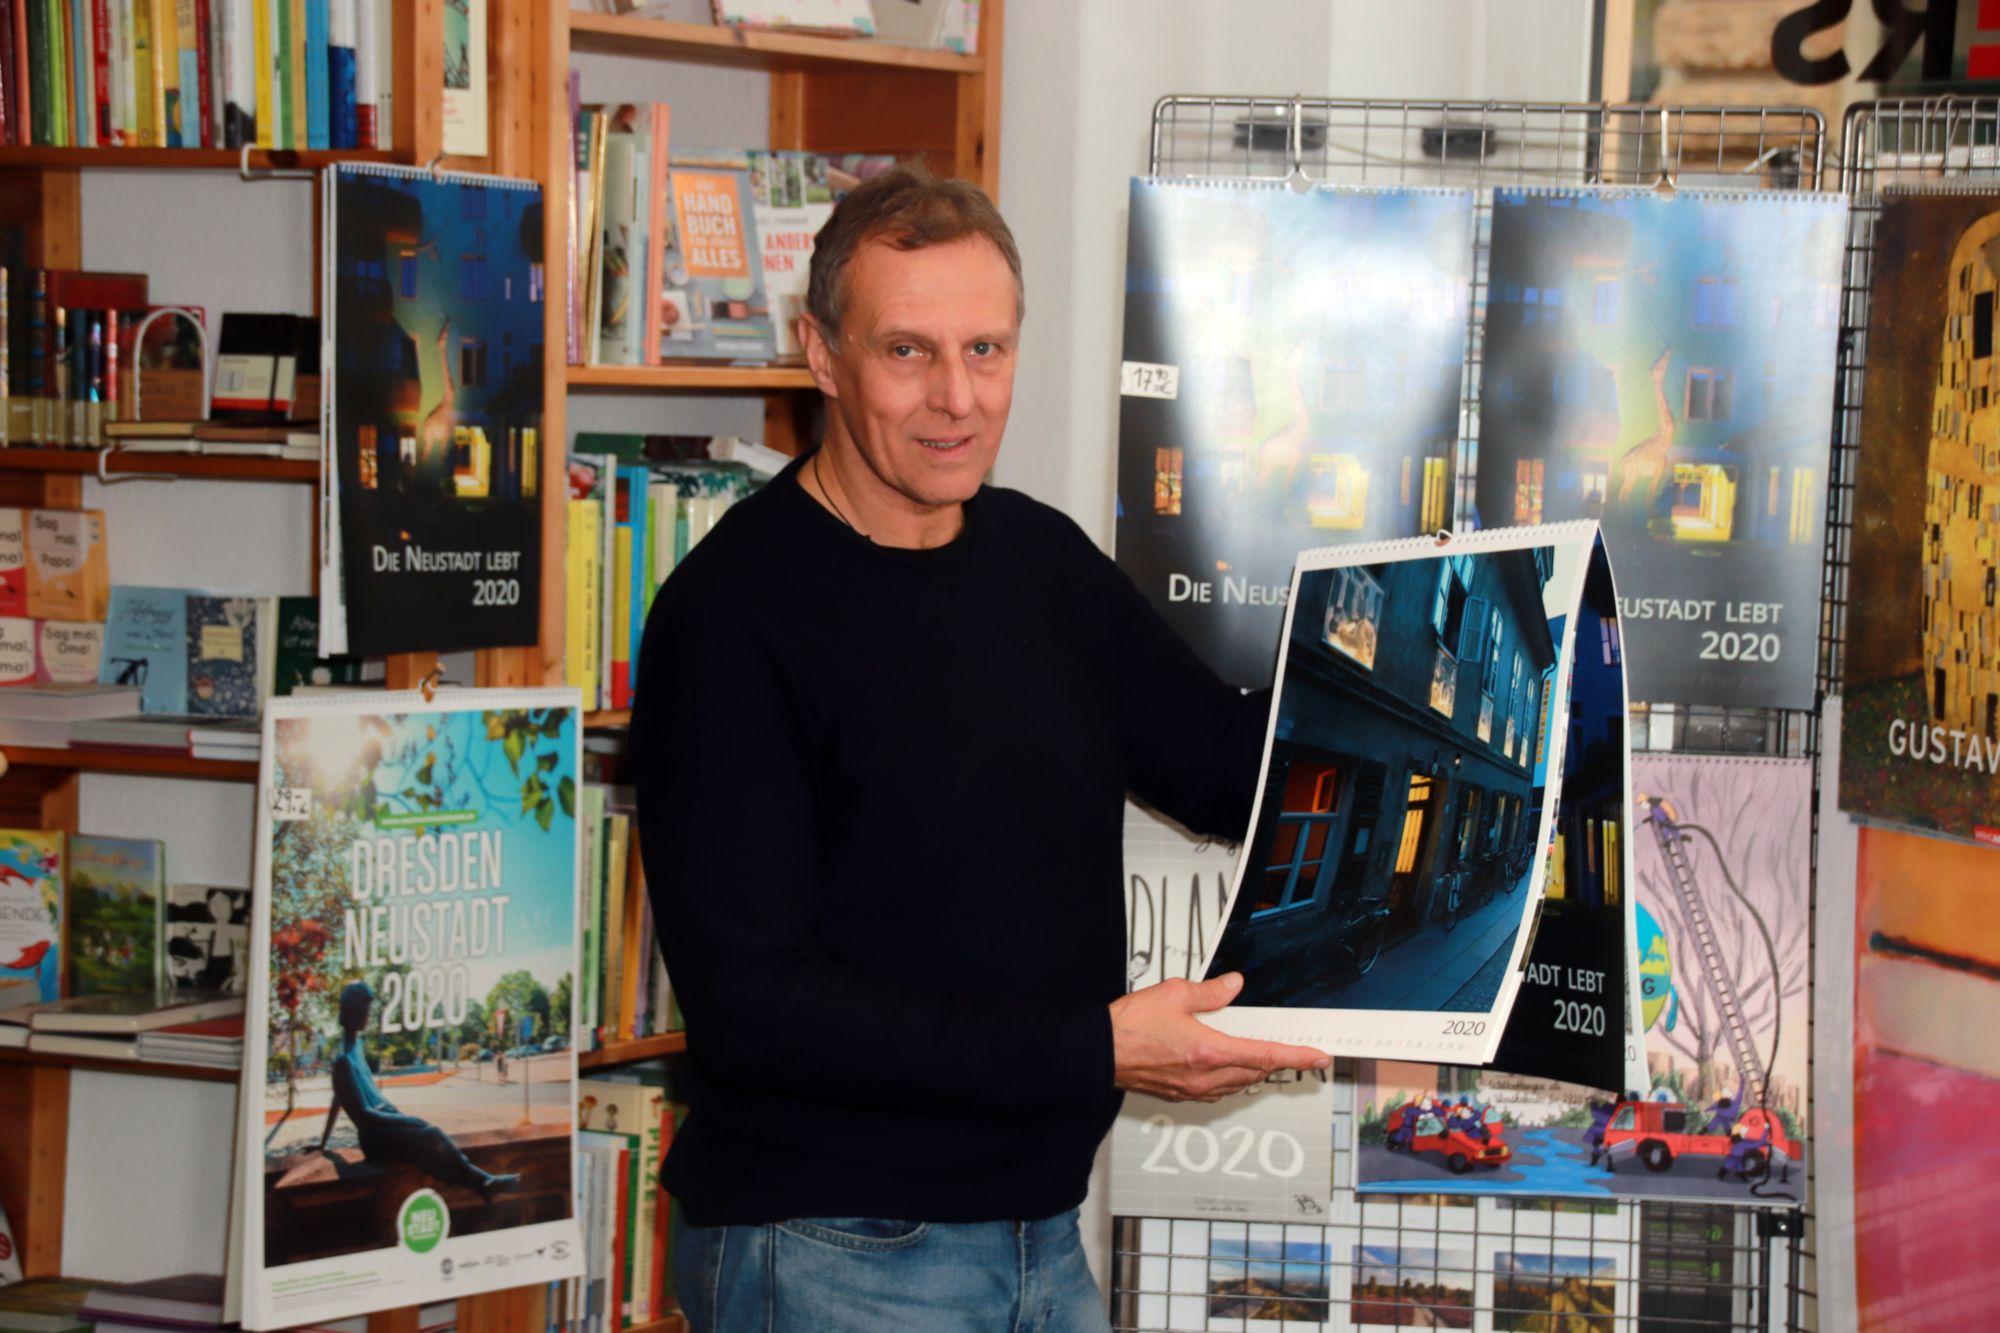 Peter Zuber mit Kalender in Richters Buchhandlung